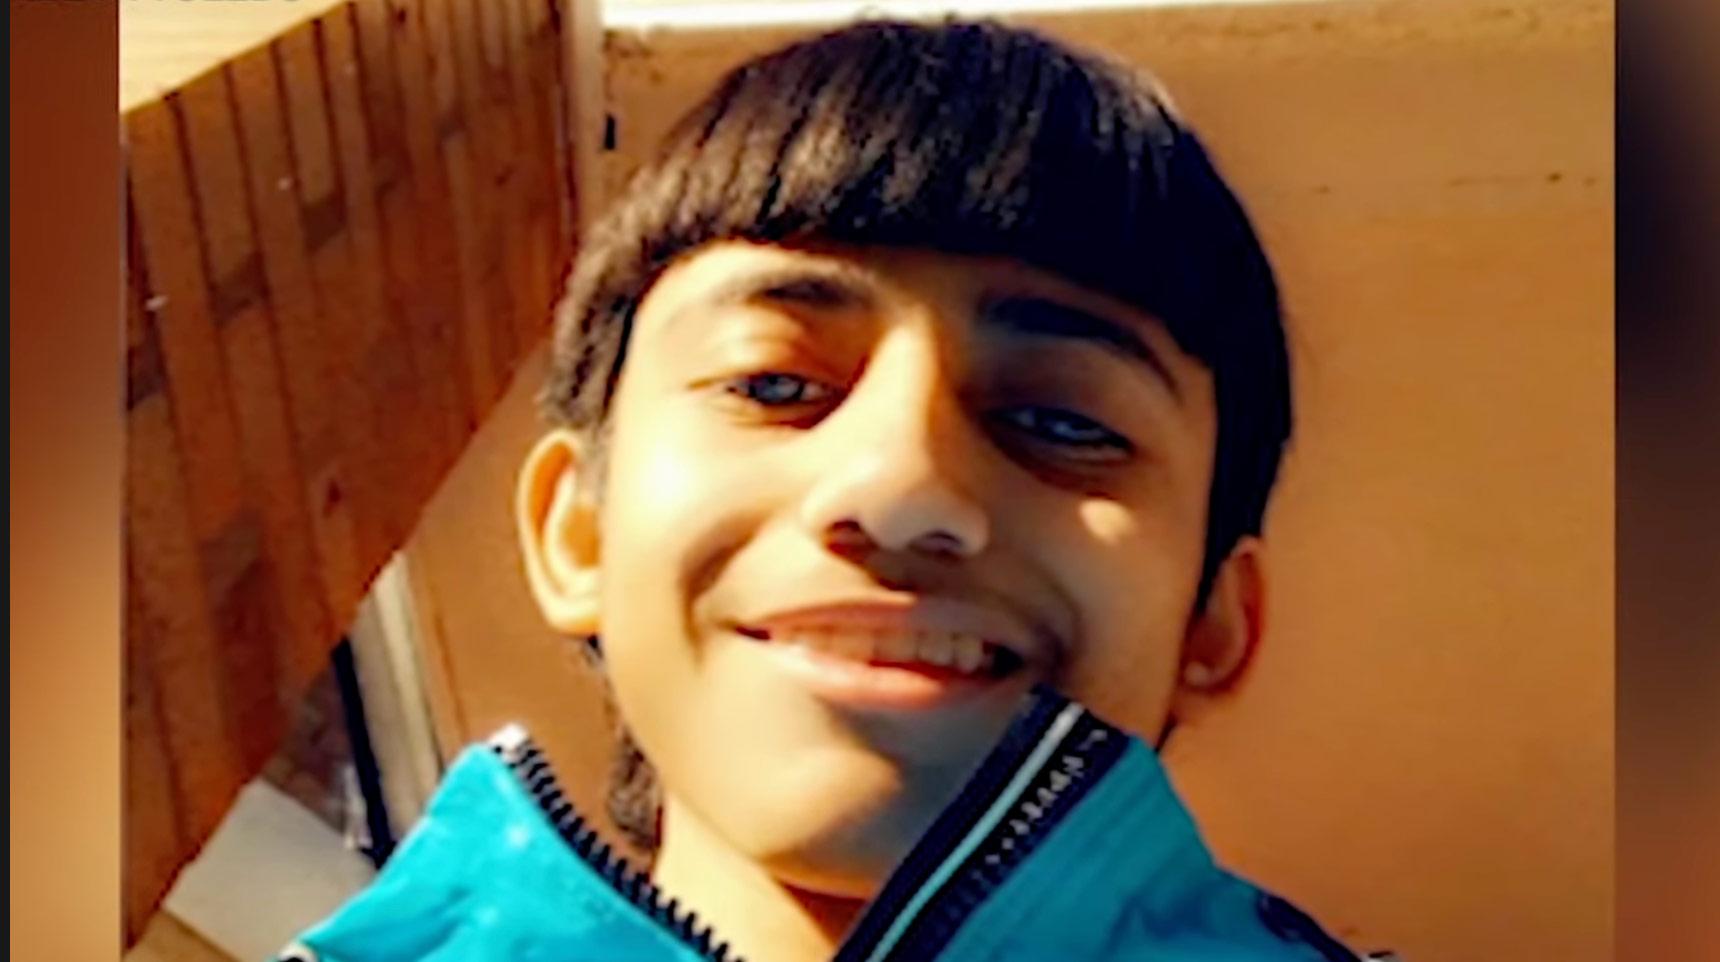 Νέο σοκ στις ΗΠΑ: Αστυνομικός σκότωσε 13χρονο κατά τη διάρκεια καταδίωξης